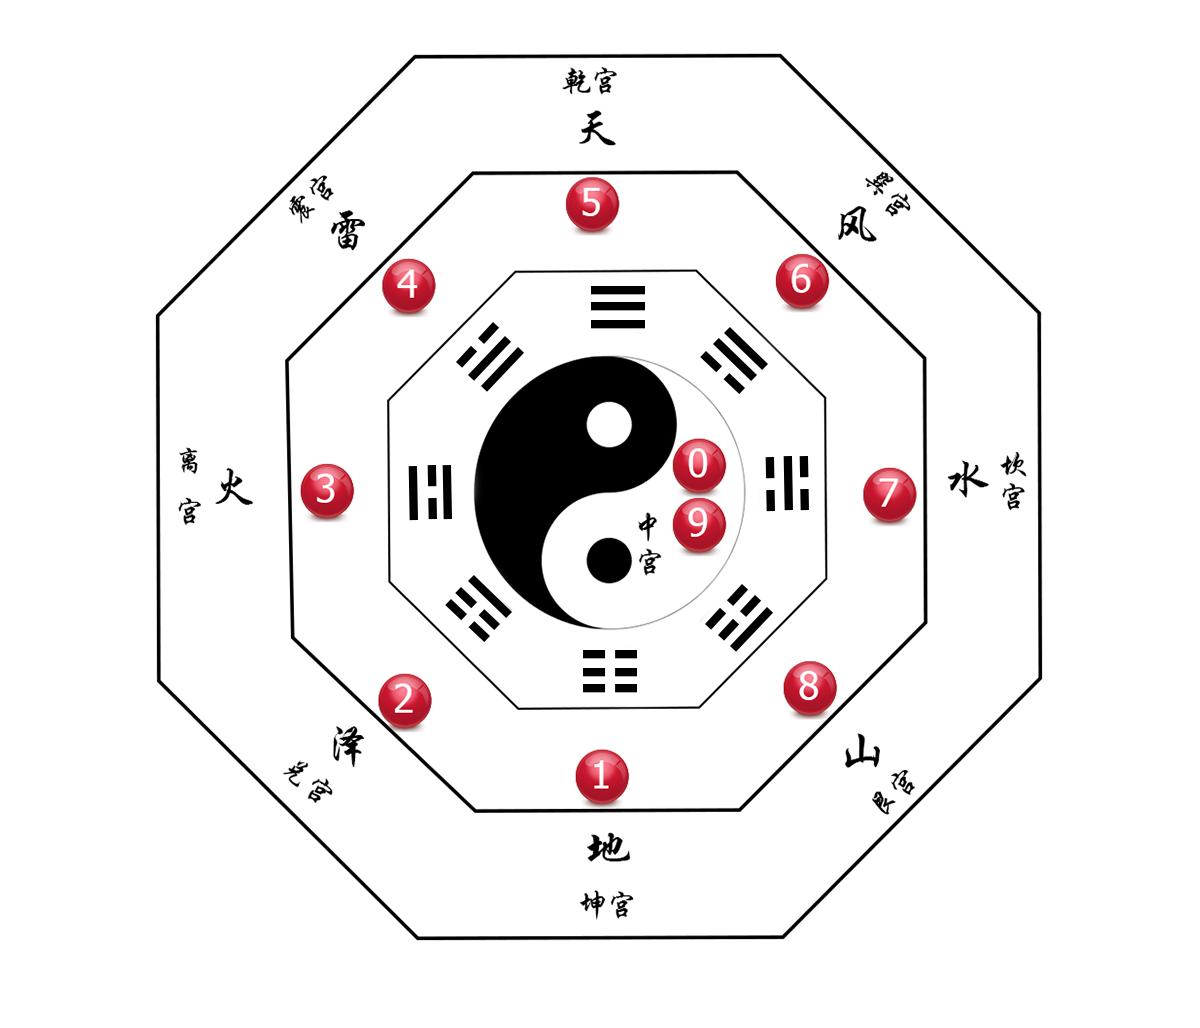 3d福彩第17271期预测:九宫八卦分析